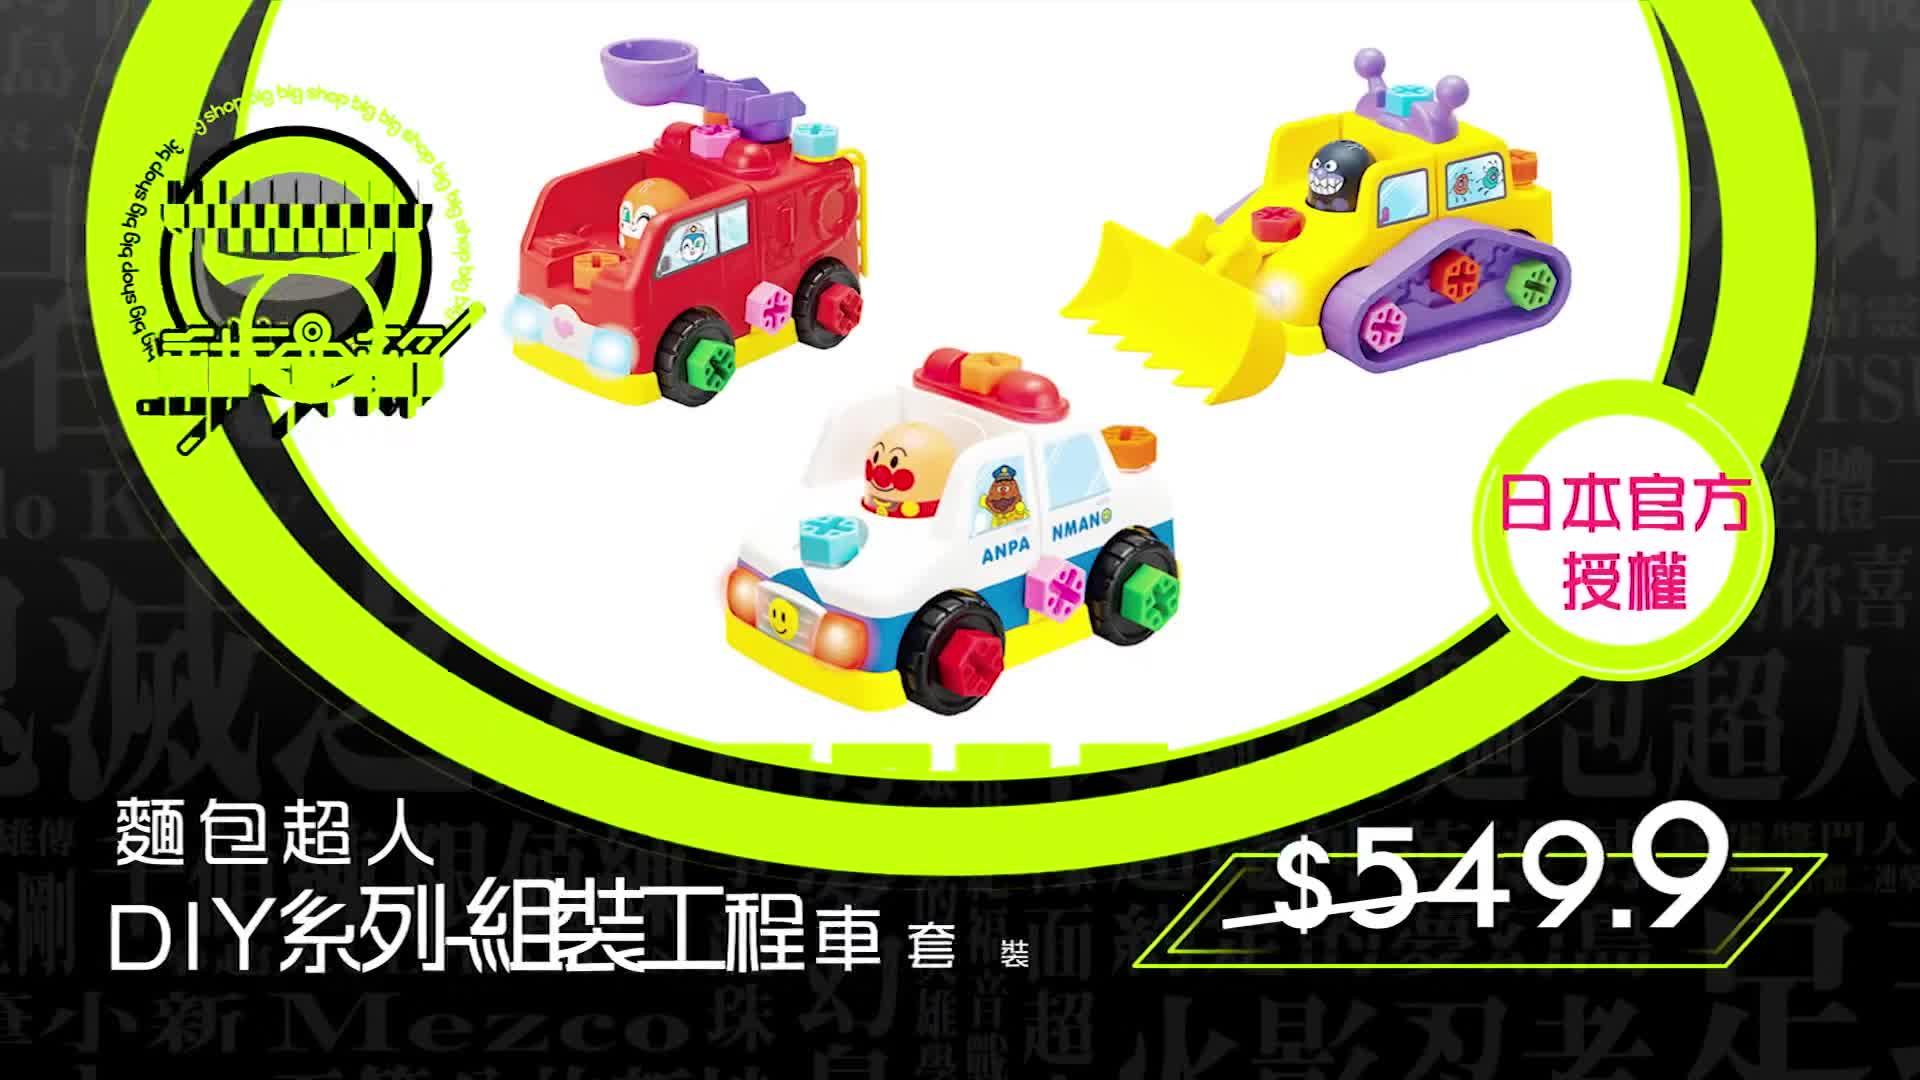 精緻玩具大平賣 big big shop同你一齊喺網上過動漫節!